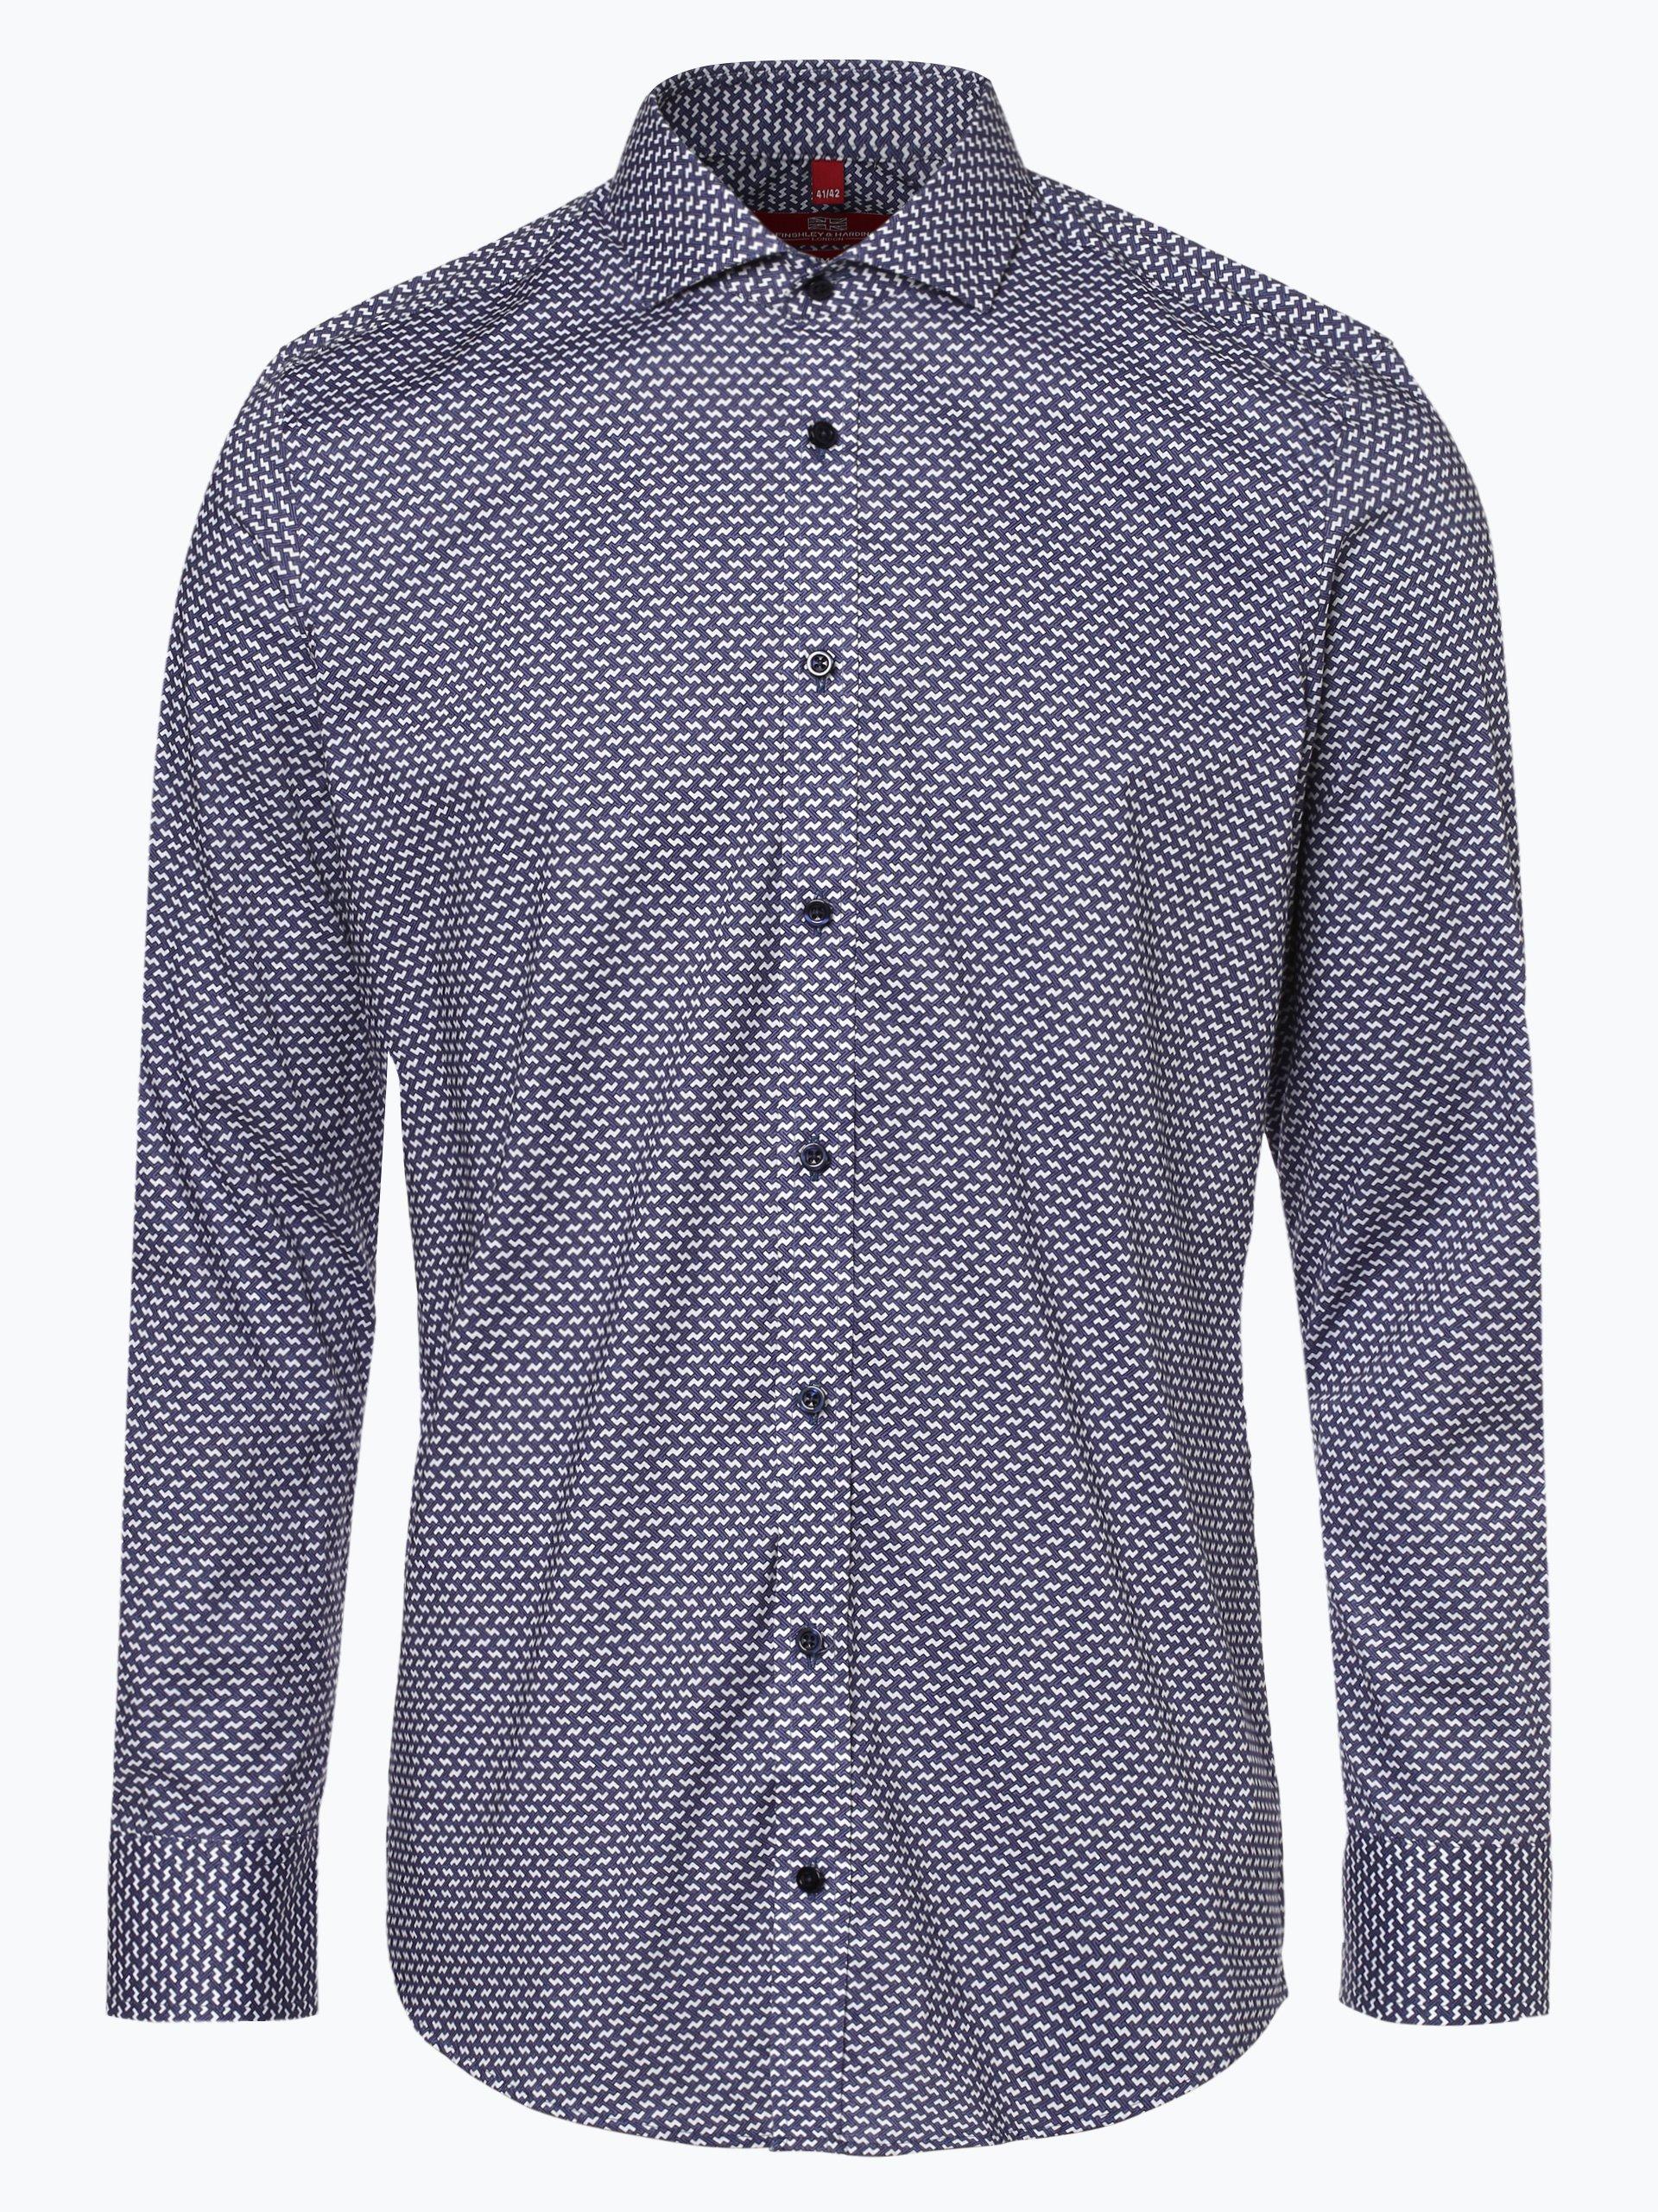 Finshley & Harding London Herren Hemd